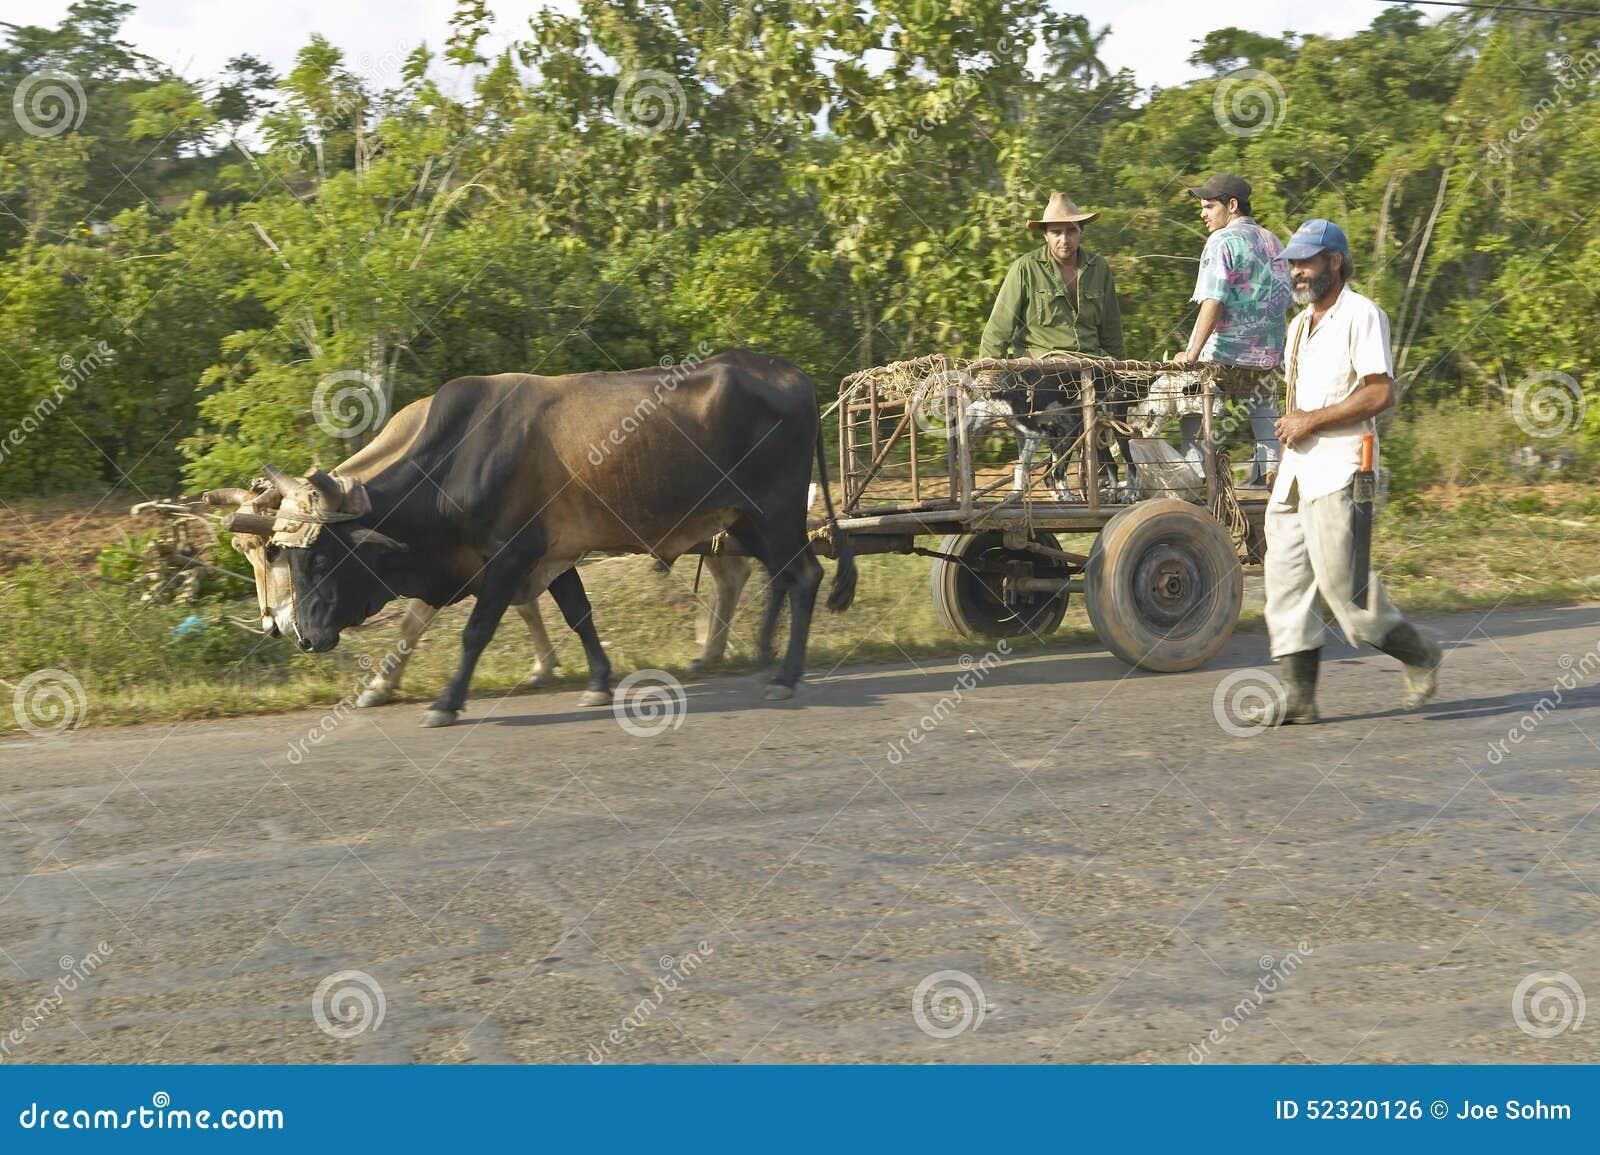 Drie mensen reizen met een paard getrokken kar door platteland van centraal Cuba